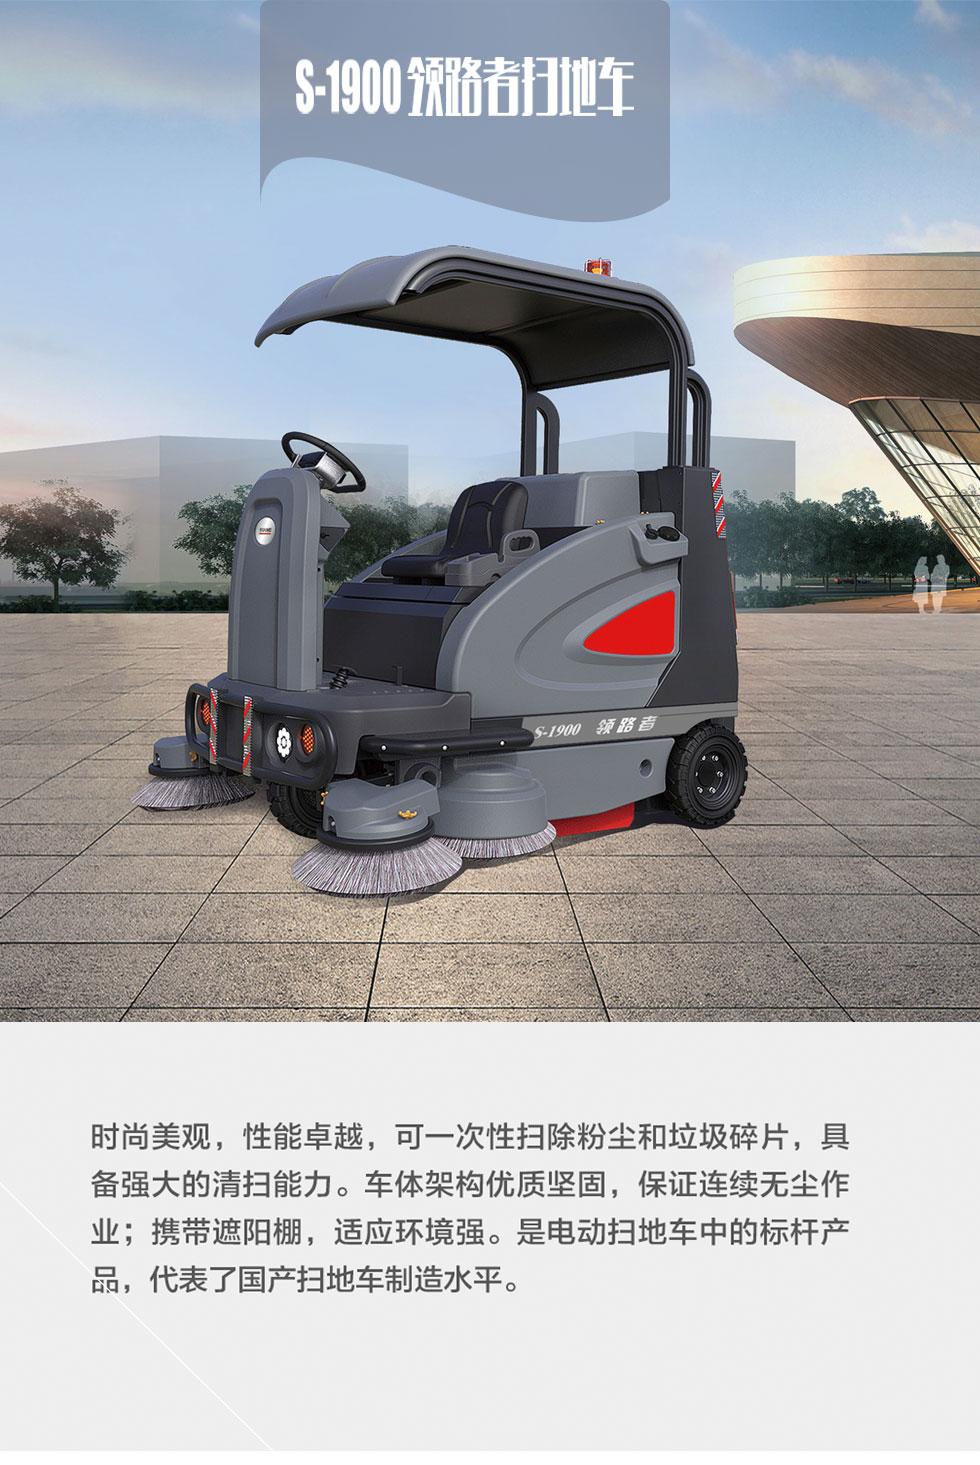 S-1900高美智慧型驾驶式扫地车1